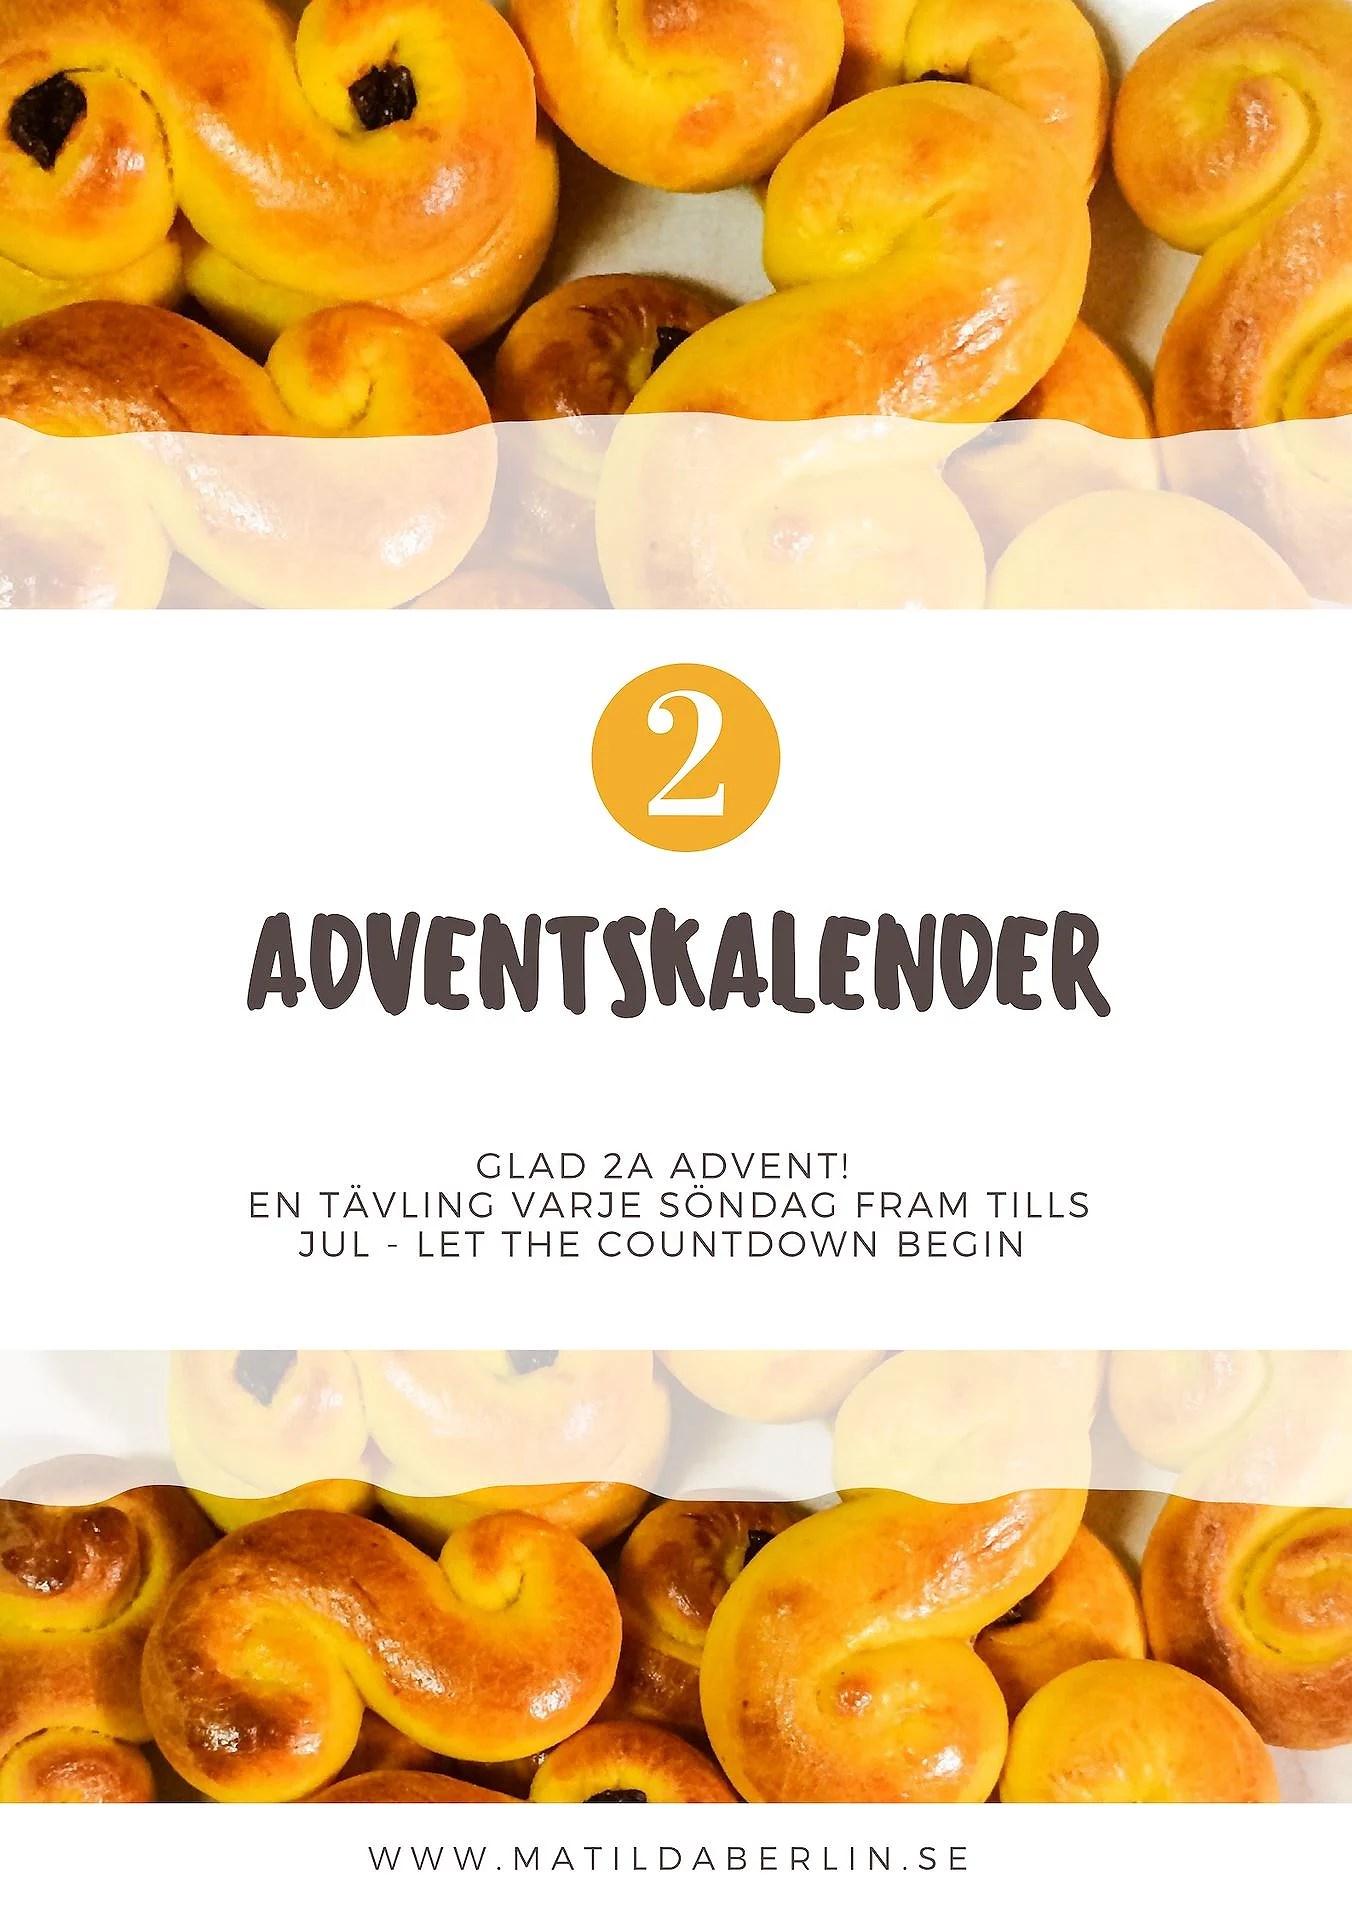 Adventskalender - lucka 2